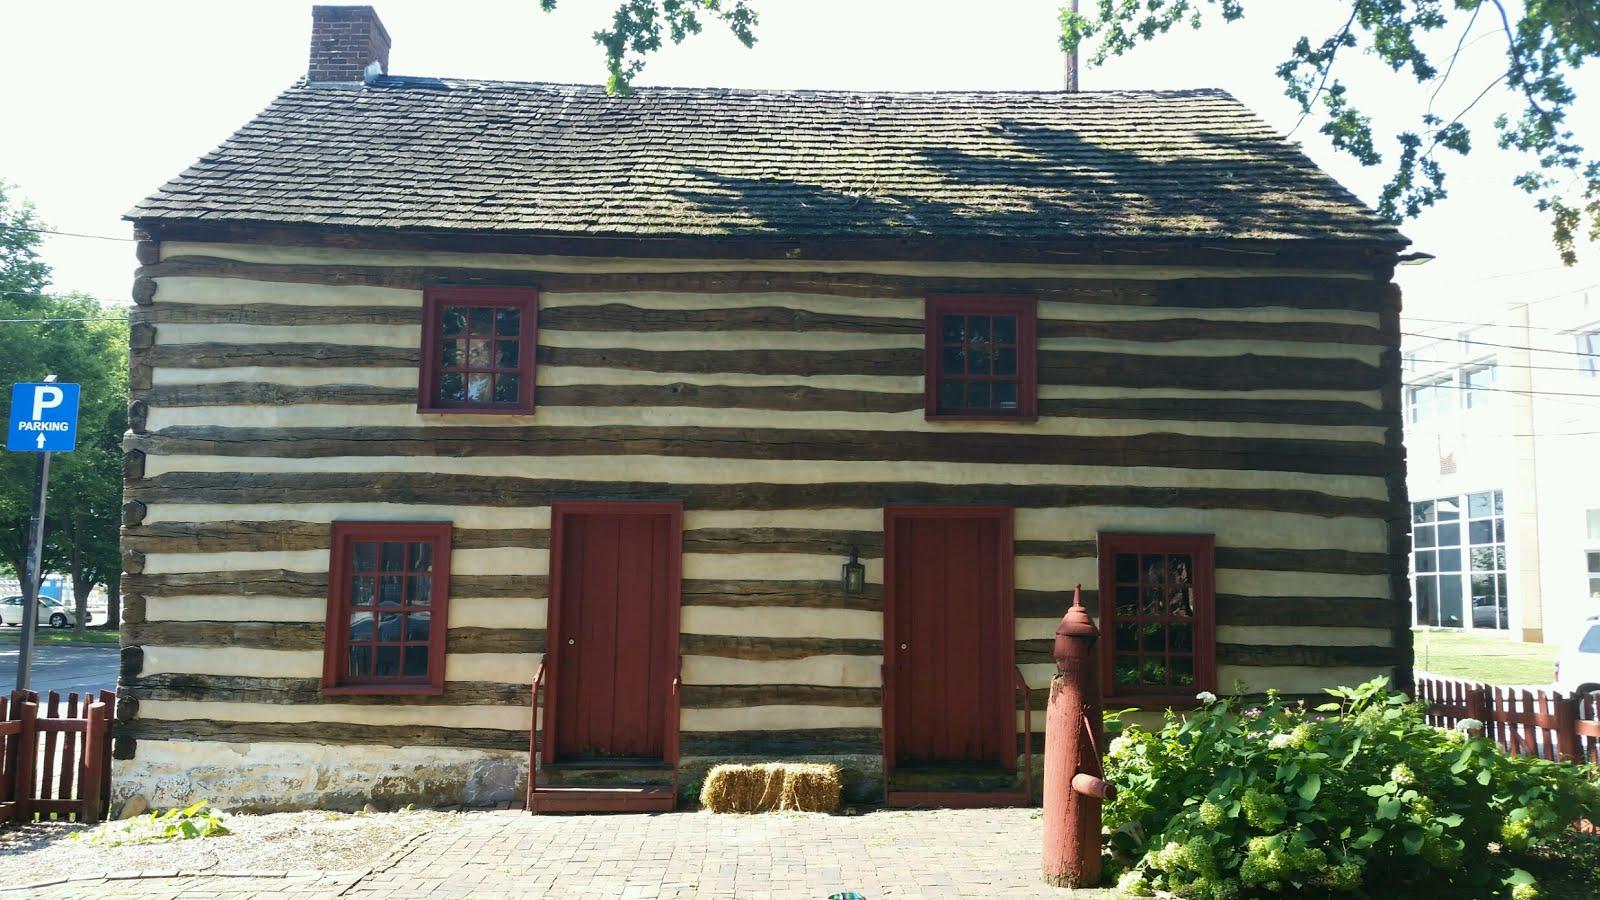 Bobb Log House